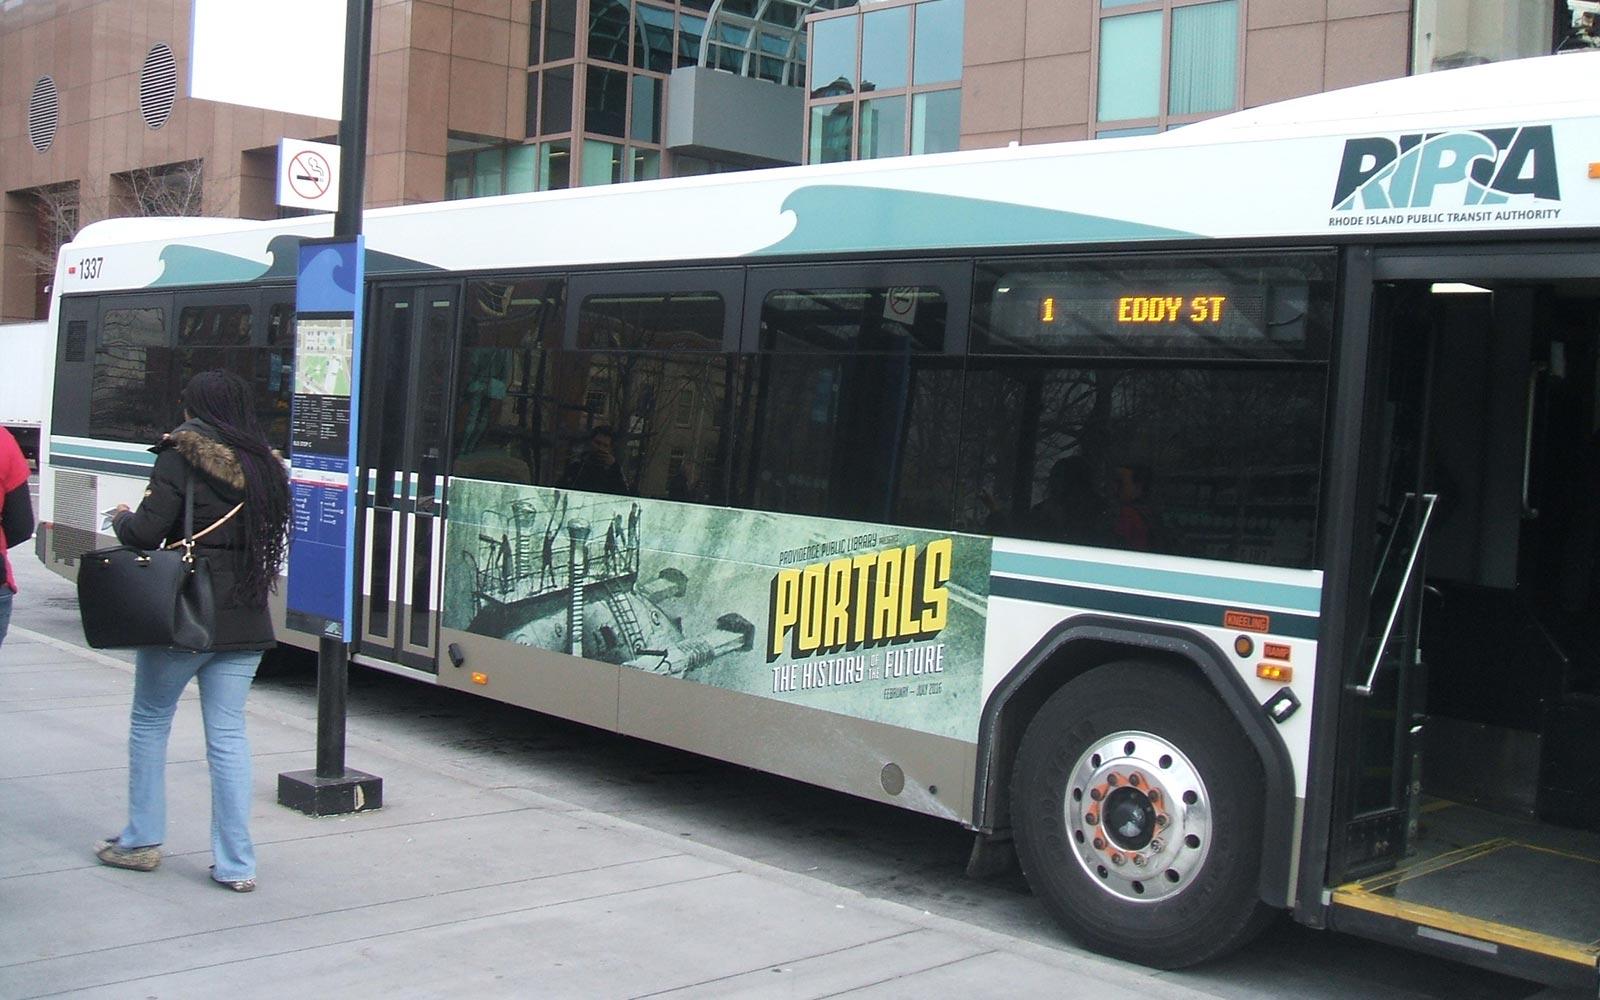 PPL_Portals-bus